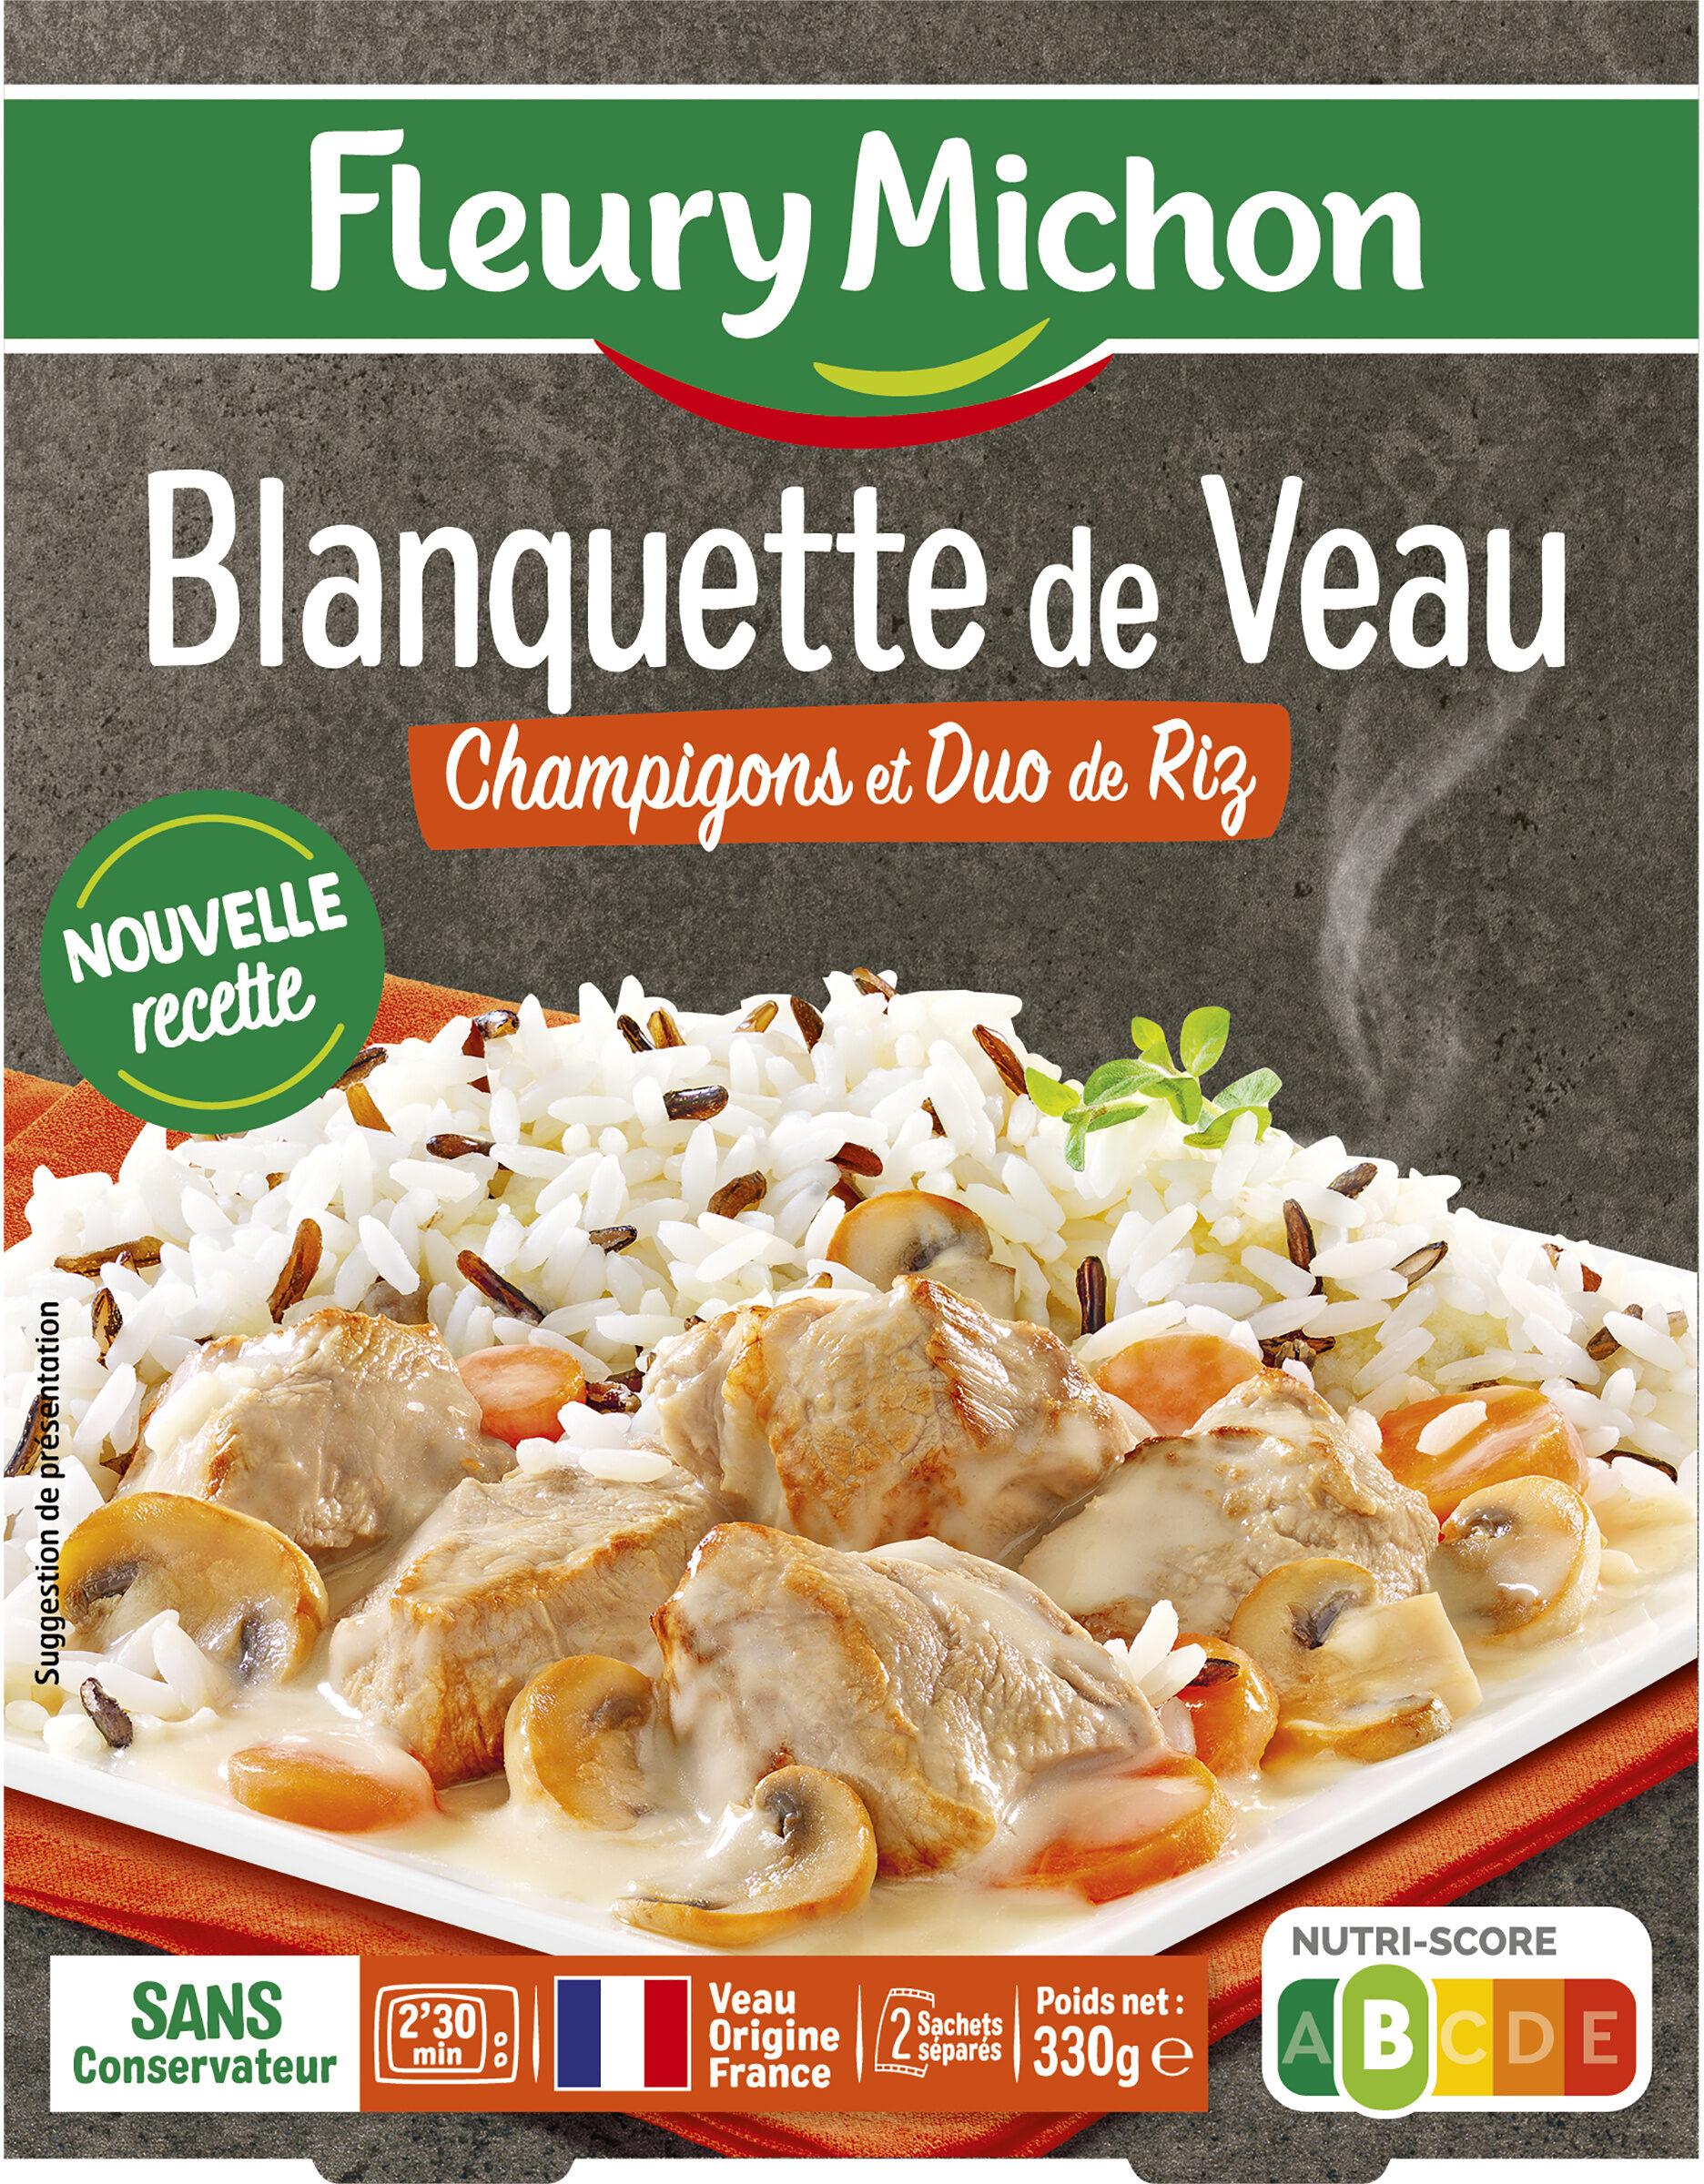 Blanquette de Veau Champignons et Duo de Riz - Produit - fr